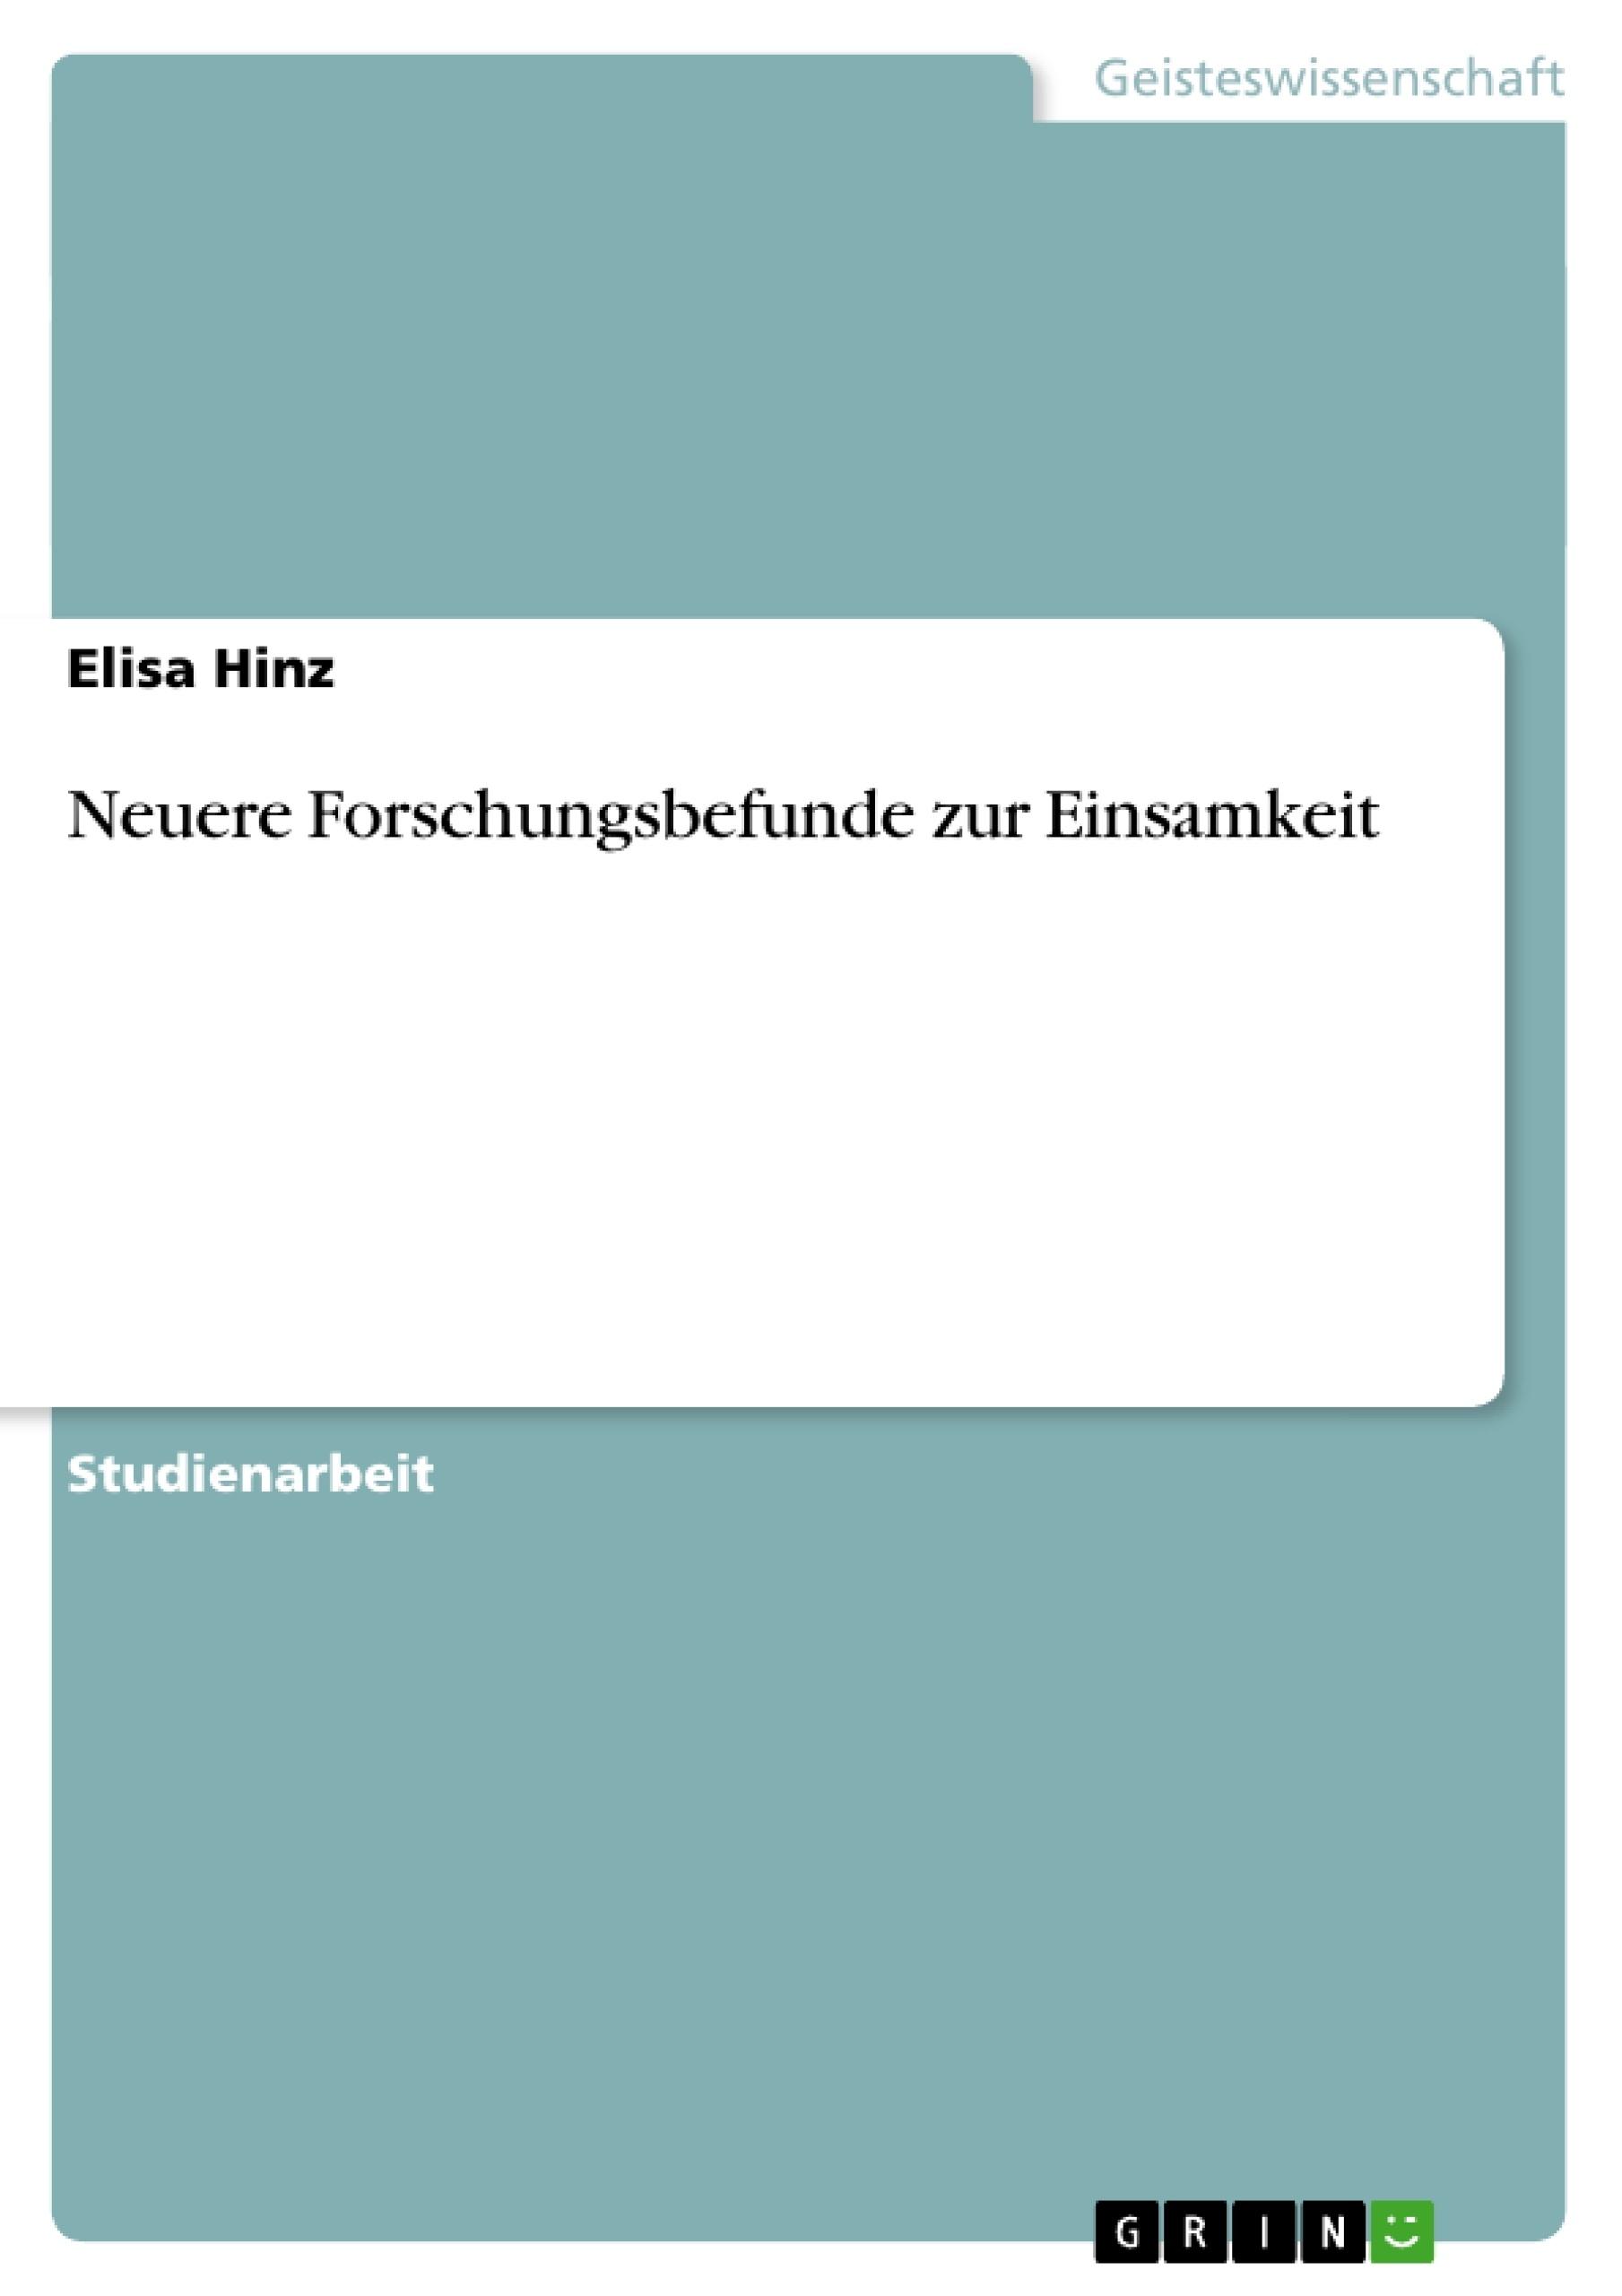 Titel: Neuere Forschungsbefunde zur Einsamkeit